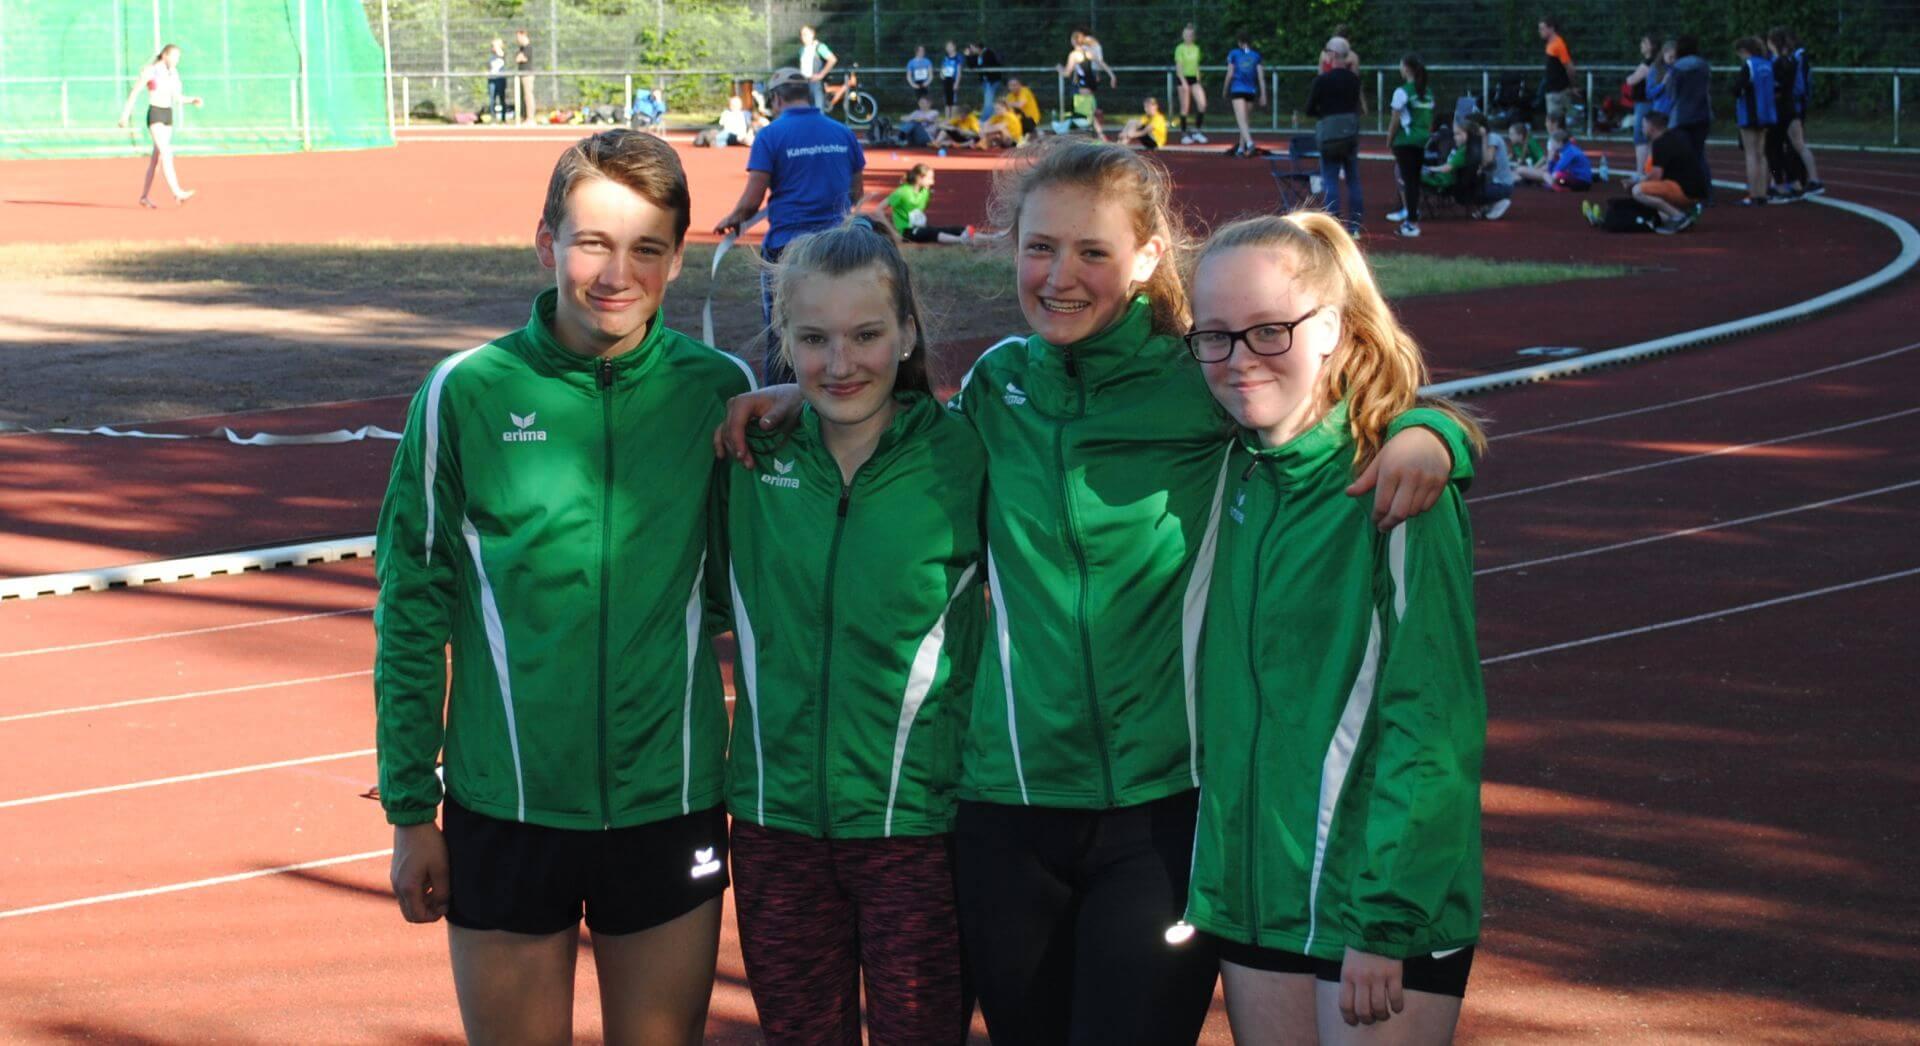 Soltendiecker Leichtathleten bei den Mehrkampf Bezirksmeisterschaften in Stuhr-Moordeich